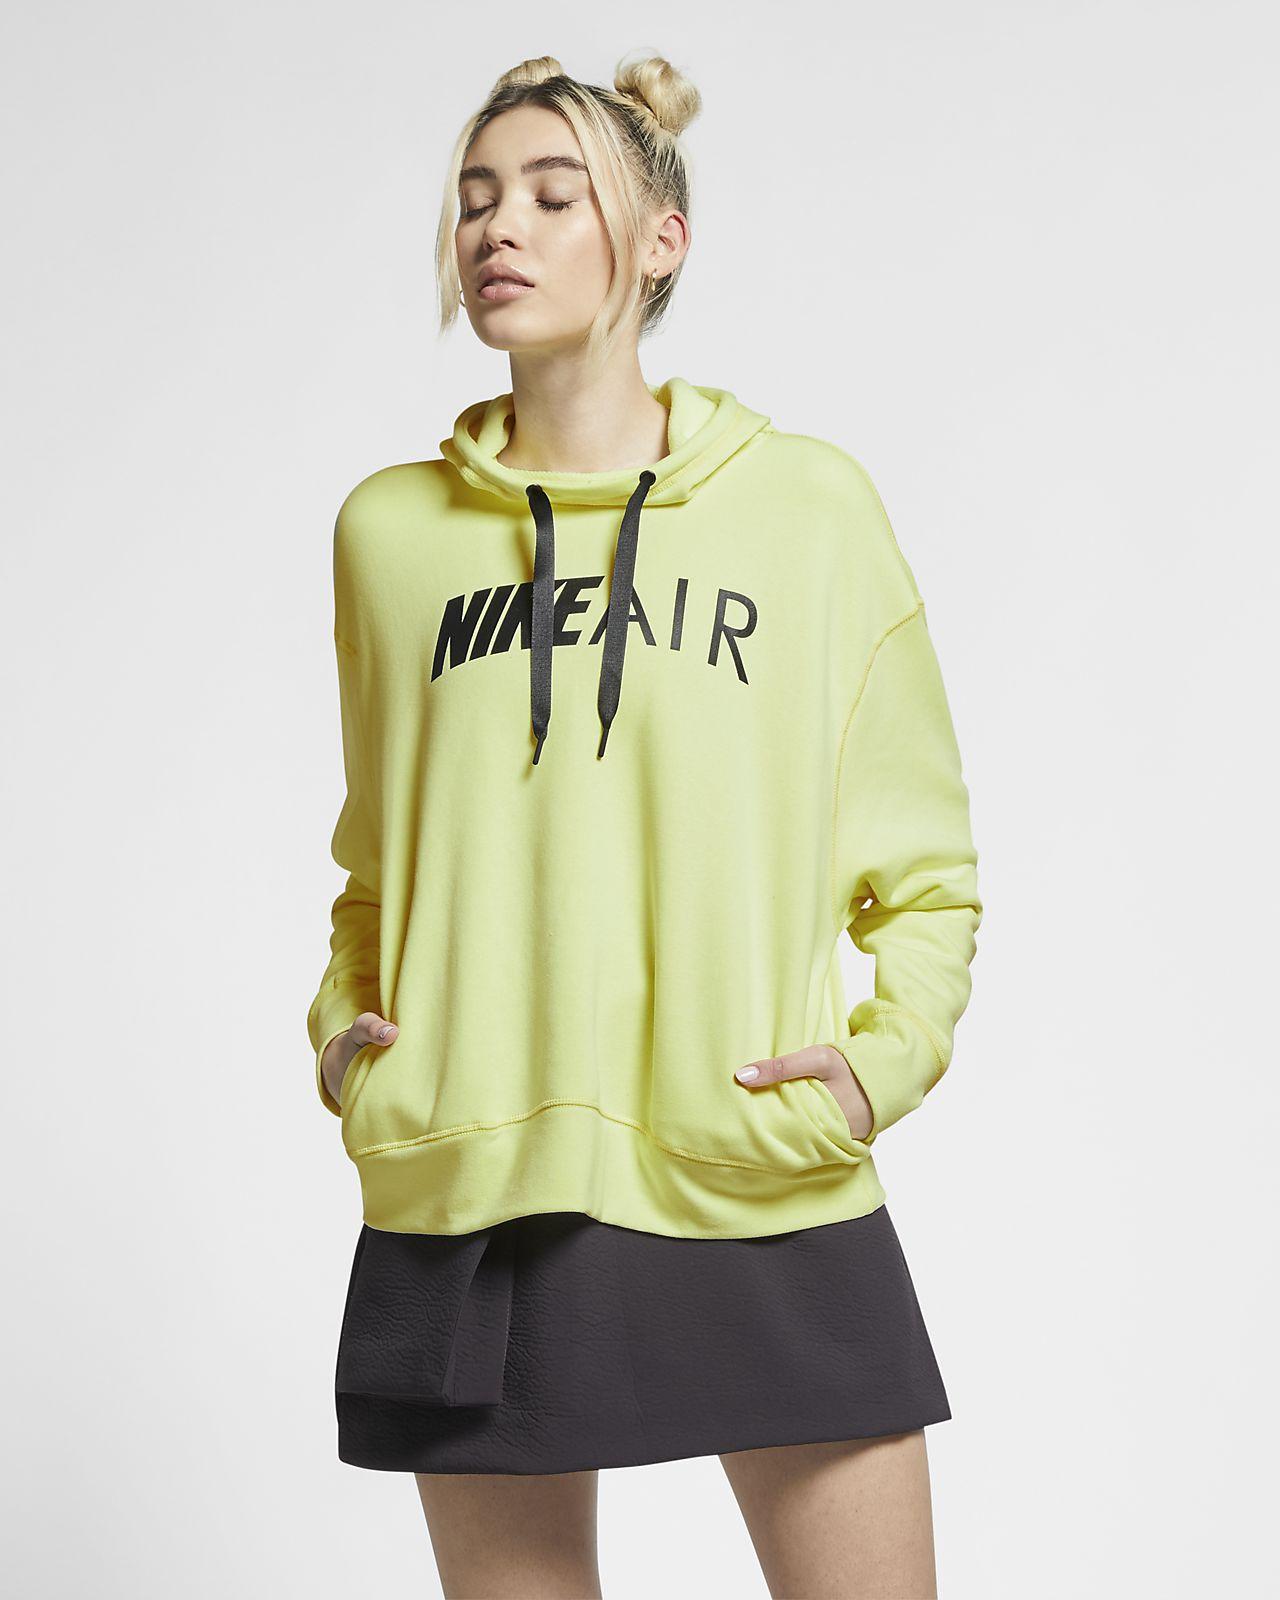 Huvtröja Nike Air för kvinnor